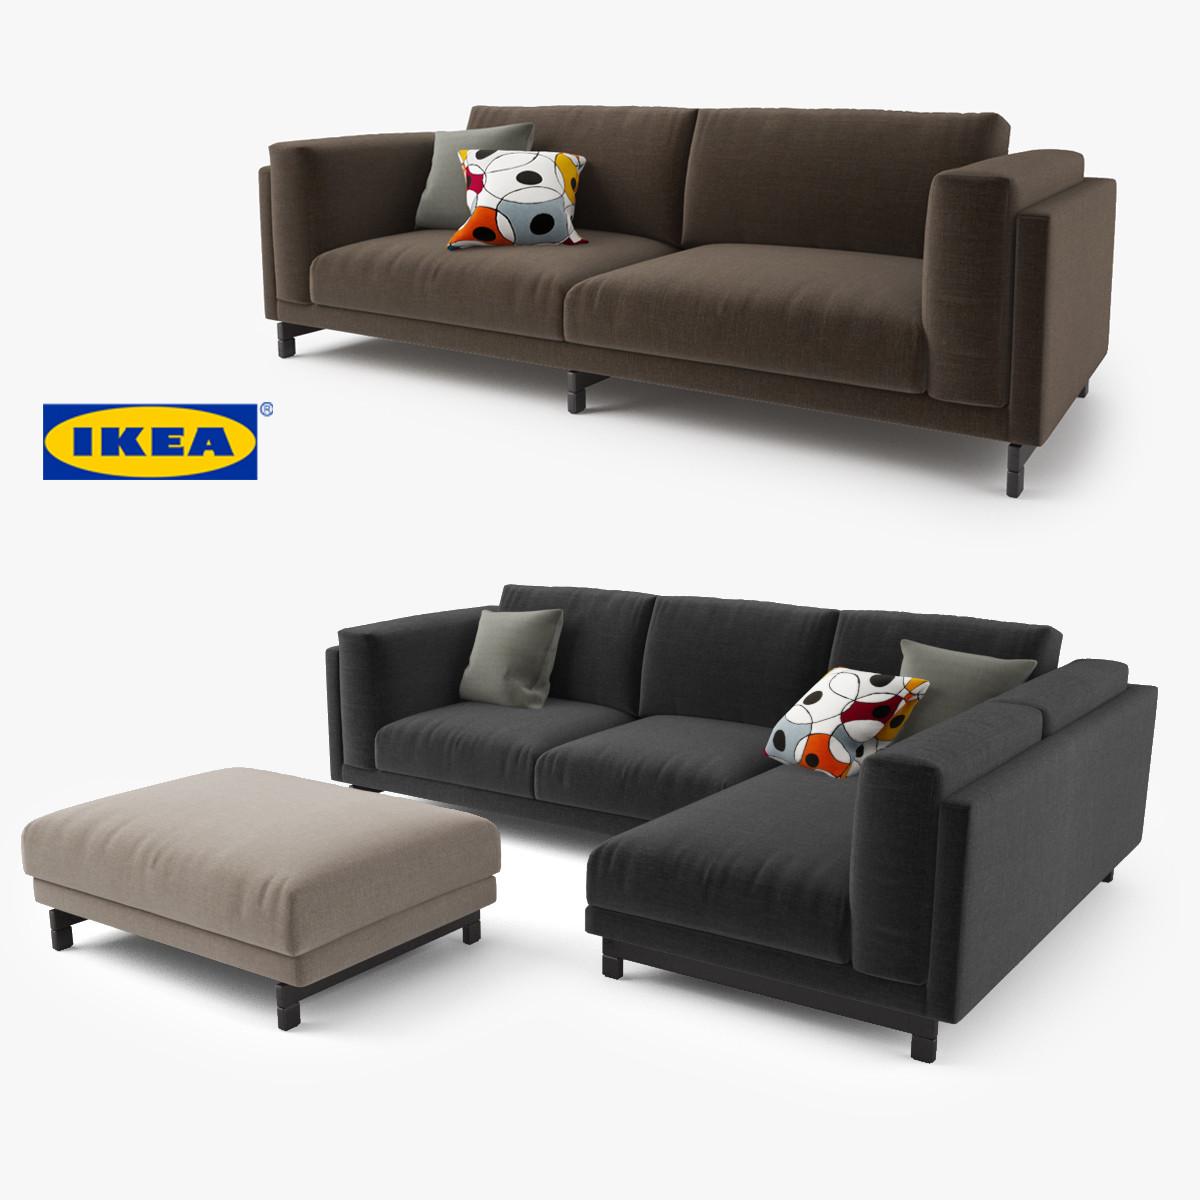 Sofa Zweisitzer zweisitzer sofa ikea nockeby loveseat 28 images 3d model ikea nockeby series sofa 3d model